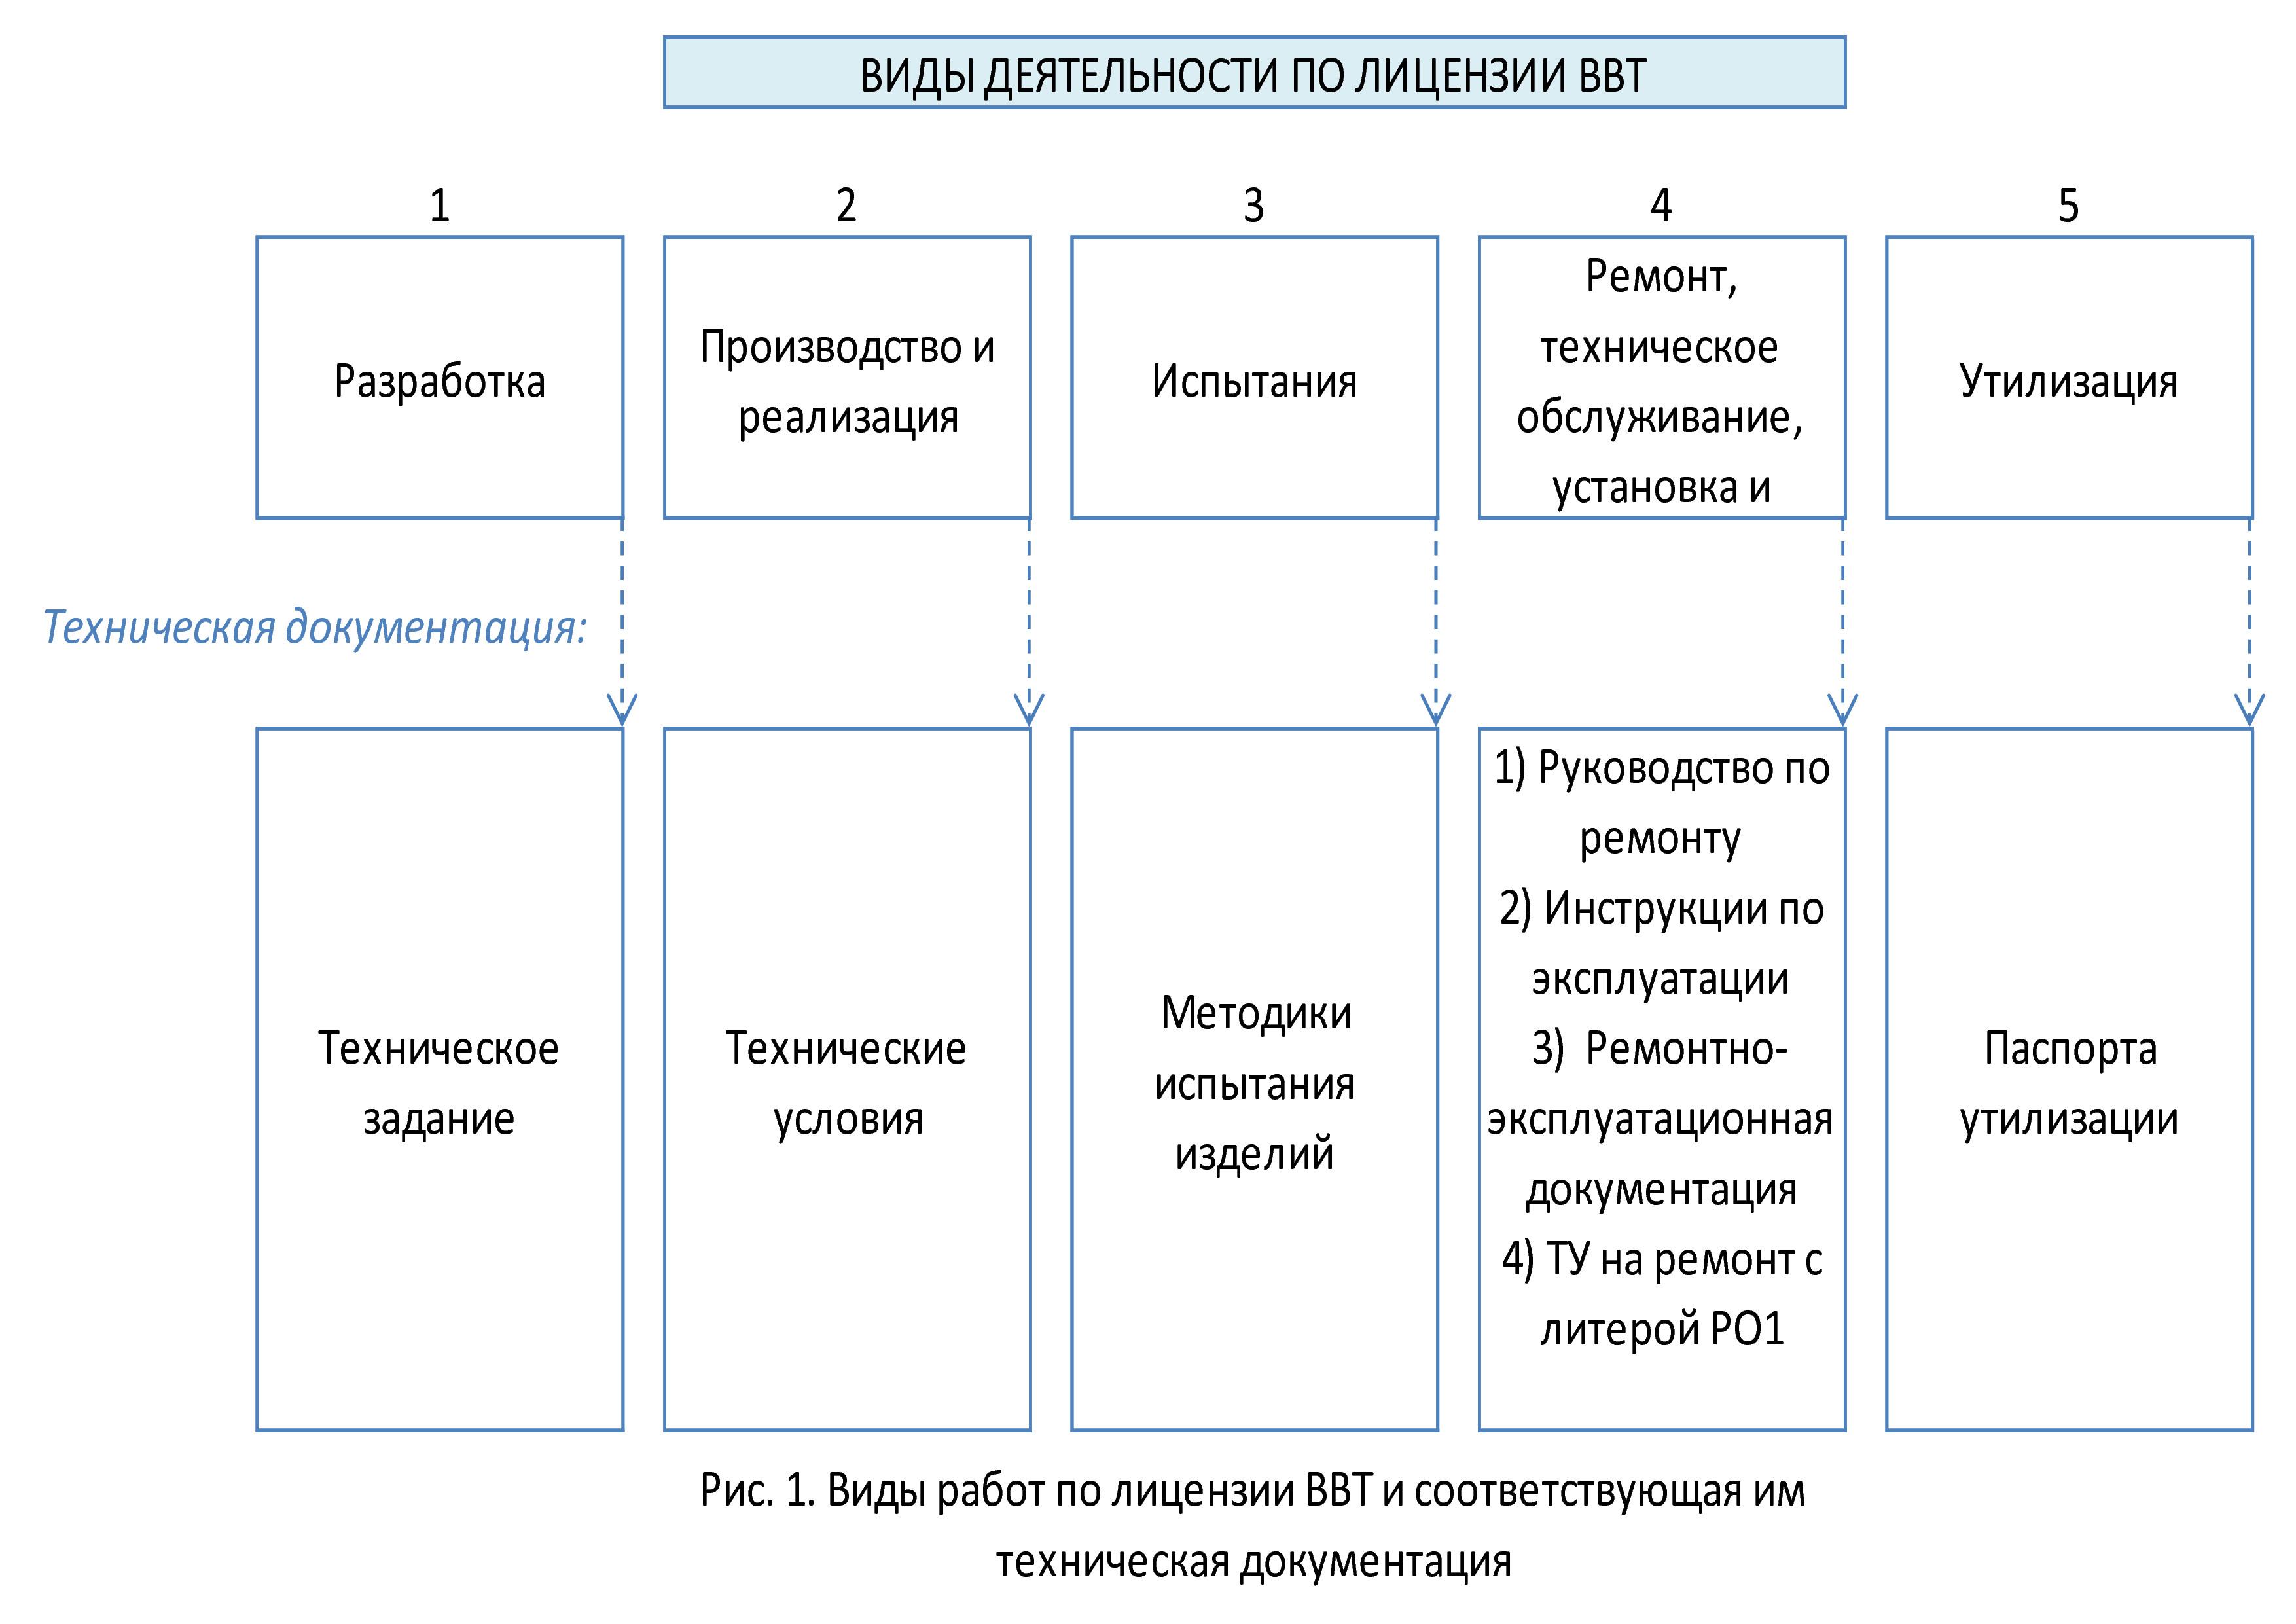 Техническая документация по видам деятельности на лицензию ВВТ